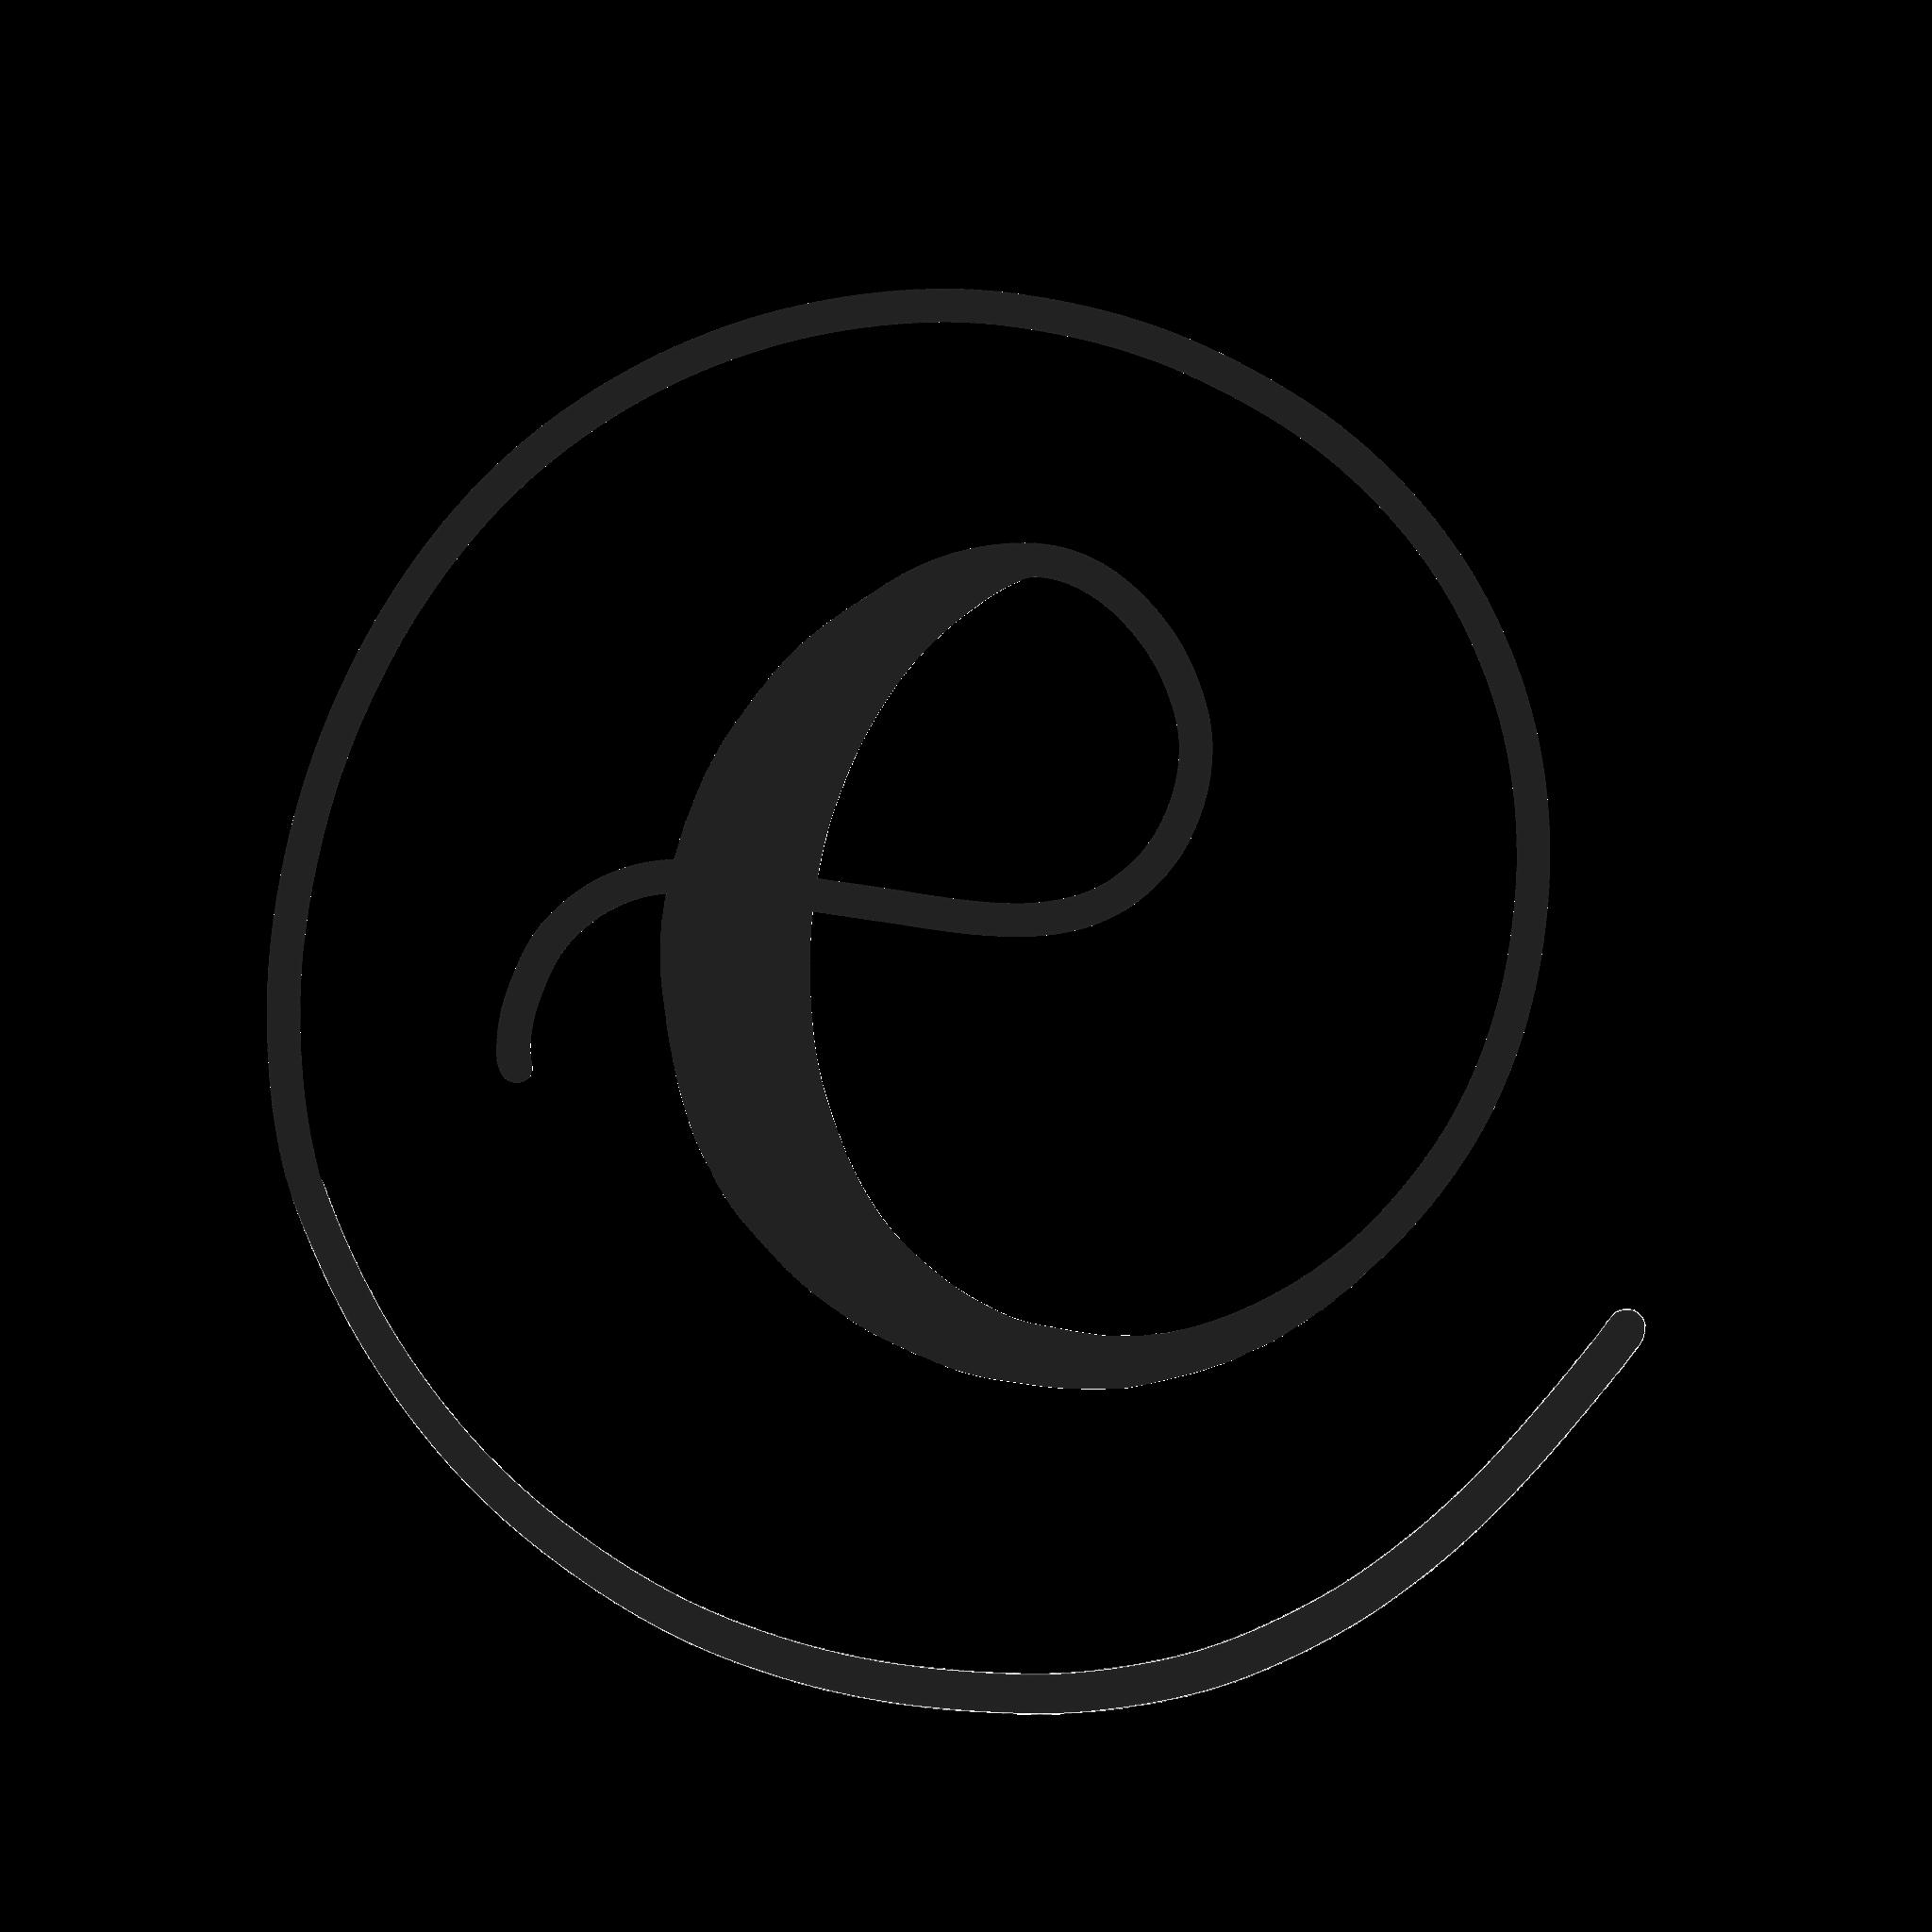 designs by e.